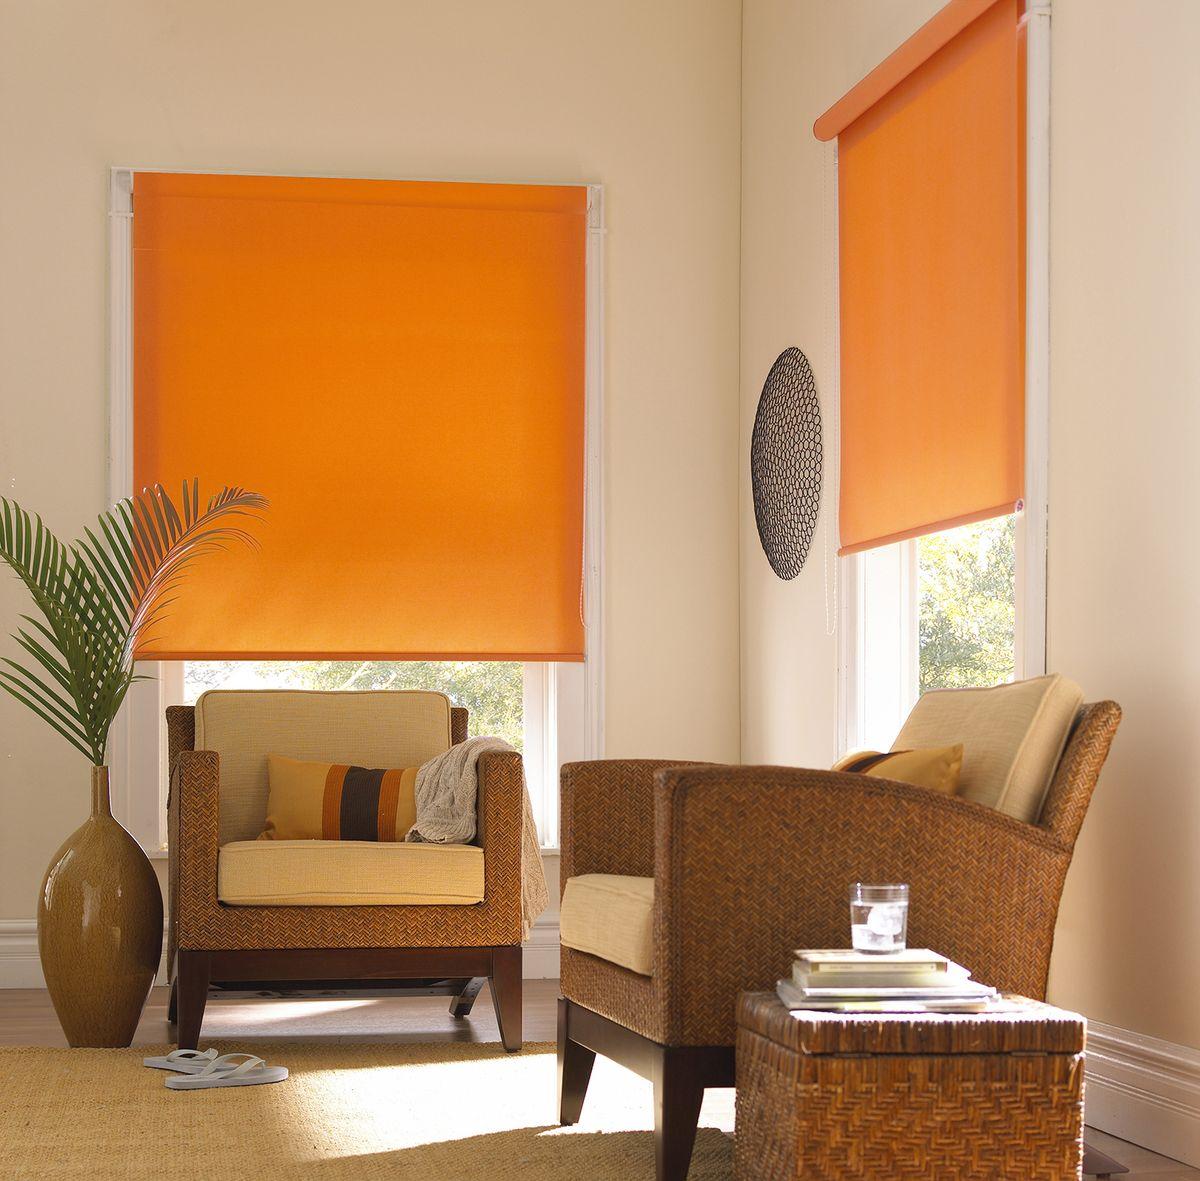 Штора рулонная Эскар Миниролло, тканевая, цвет: апельсин, 90 x 170 см31203090170Рулонные шторы изготавливают из специальных тканей, обработанных пылеотталкивающим составом. Он помогает сохранить цветные рулонные шторы от выгорания на солнце. Преимущества однотонных рулонных штор: 1) Нейтральность – органично впишутся в интерьер. 2) Универсальность – можно установить в любой стеклопакет. 3) Практичность – занимают минимум места, монтируясь непосредственно в проем. 4) Функциональность – находясь максимально близко к стеклу, эффективно перекрывают доступ света. Даже на солнечной стороне создадут комфортную атмосферу. 5) Простота монтажа – нет необходимости сверлить окно, отсутствует опасность повредить стеклопакет, не требуются профессиональные навыки. ВНИМАНИЕ! Размеры ширины изделия указаны по ширине ткани! Чтобы выбрать размер миниролло правильно, замерьте ширину СТЕКЛА на оконной раме и прибавьте 3 см. Это будет оптимальный размер ширины нужной шторки. Не разворачивайте рулонную штору на всю длину ткани. При полностью развернутой шторе на трубе...